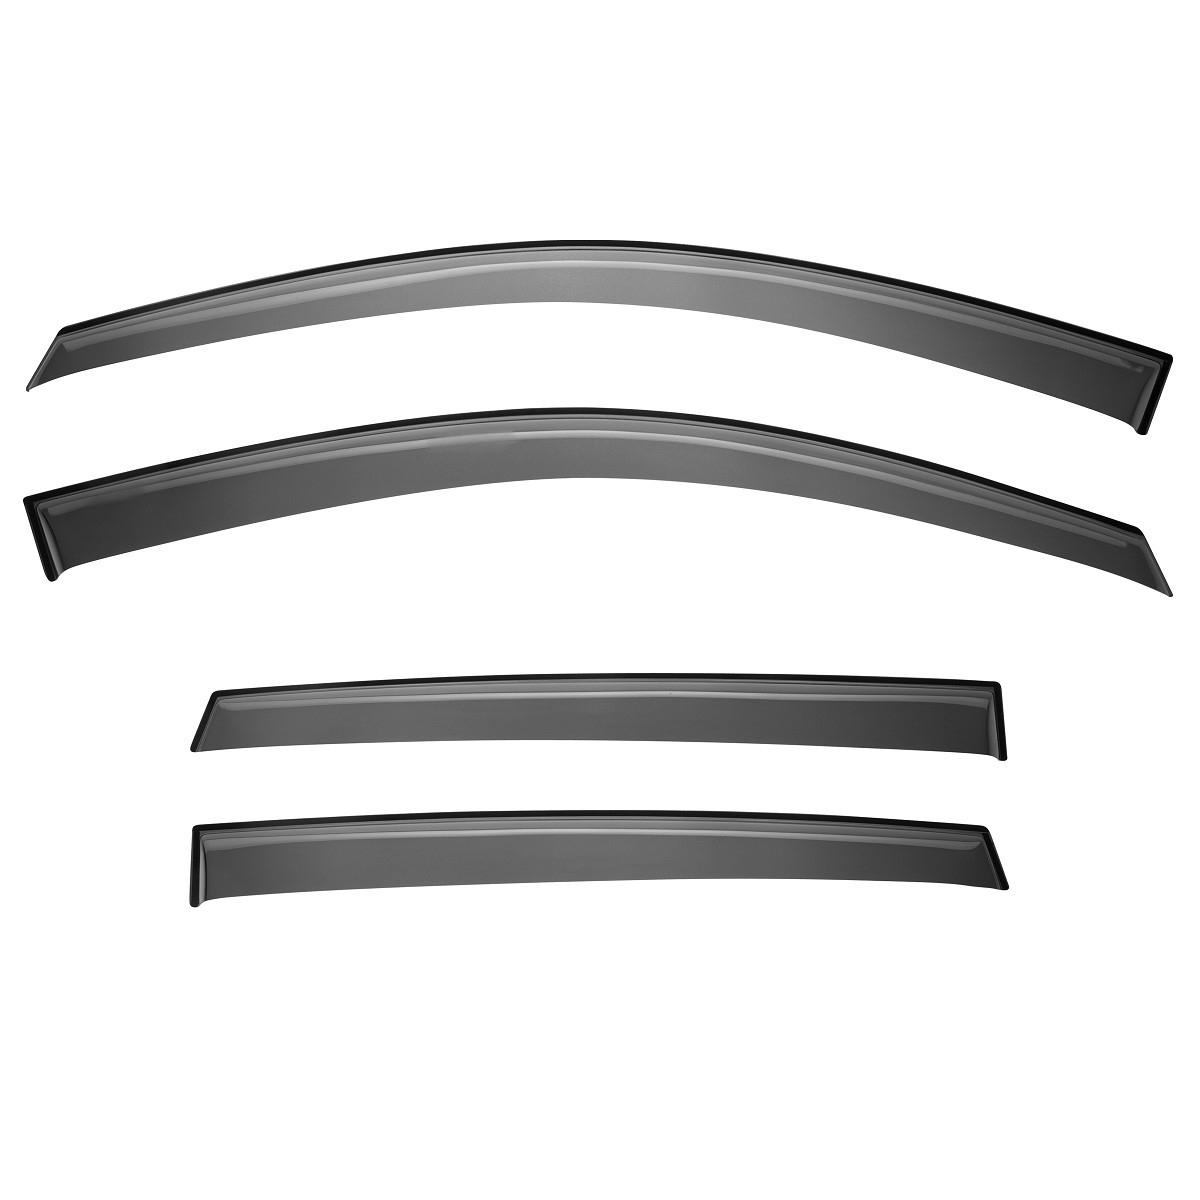 Купить Дефлекторы Rival для окон Toyota Highlander 2014-, акрил, 4 шт. 35703001